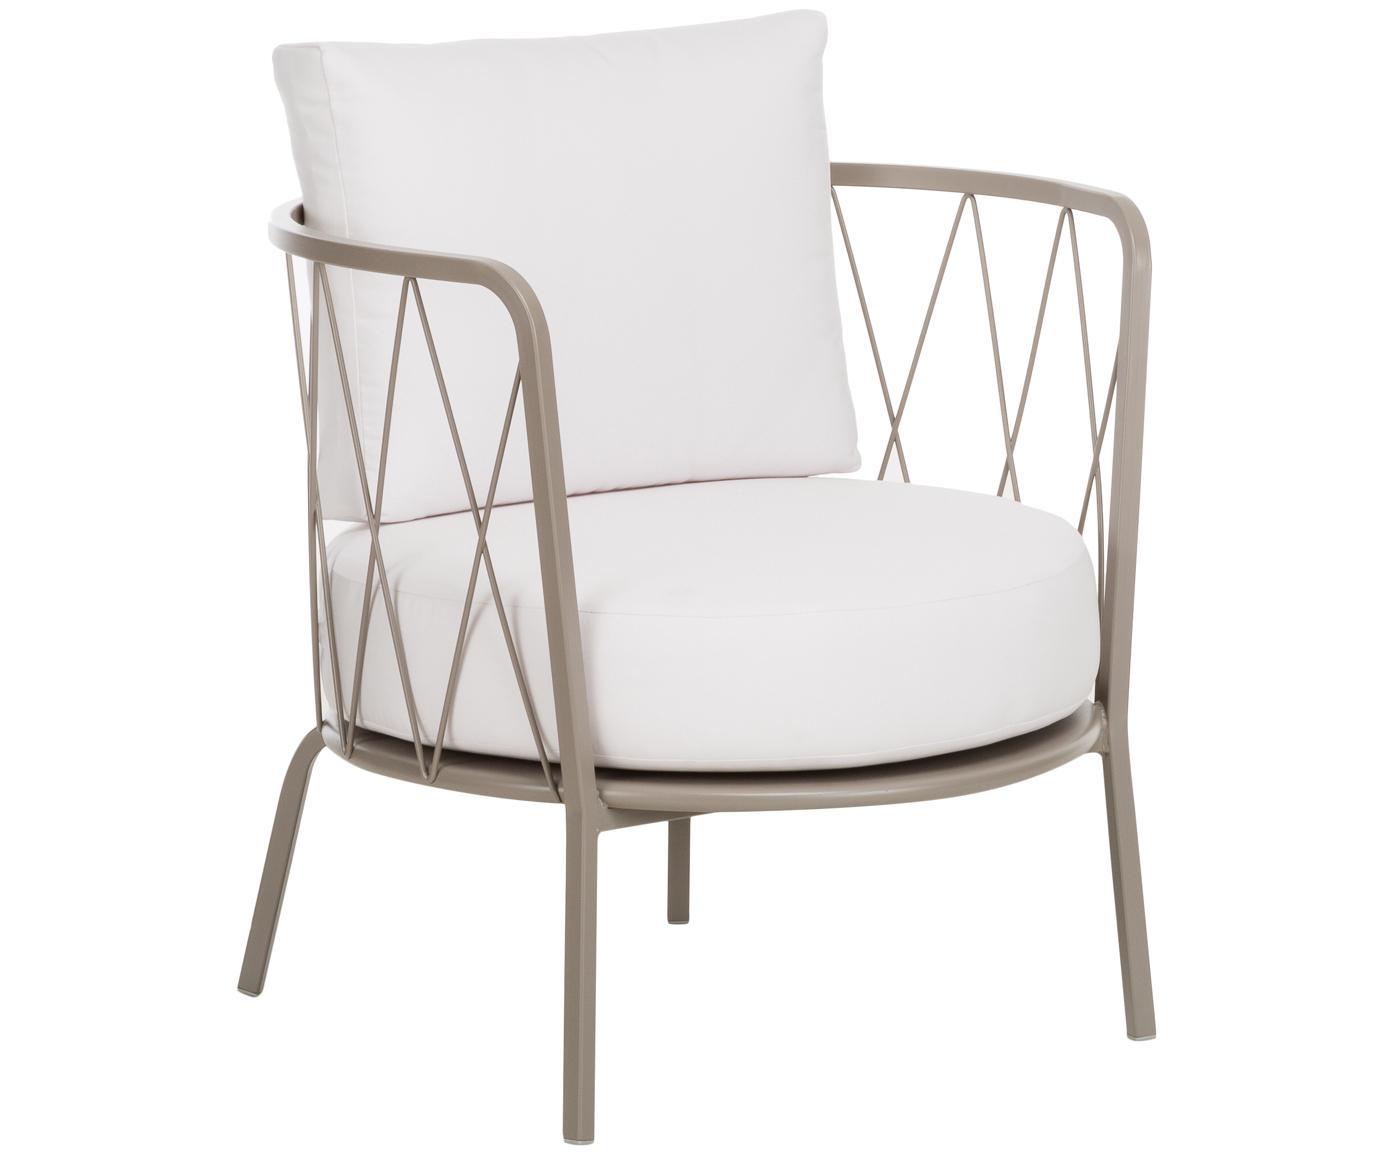 Fotel ogrodowy z tapicerowanym siedziskiem Sunderland, Stelaż: stal cynkowana galwaniczn, Stelaż: taupe Siedzisko i oparcie: kremowy, S 74 x G 61 cm